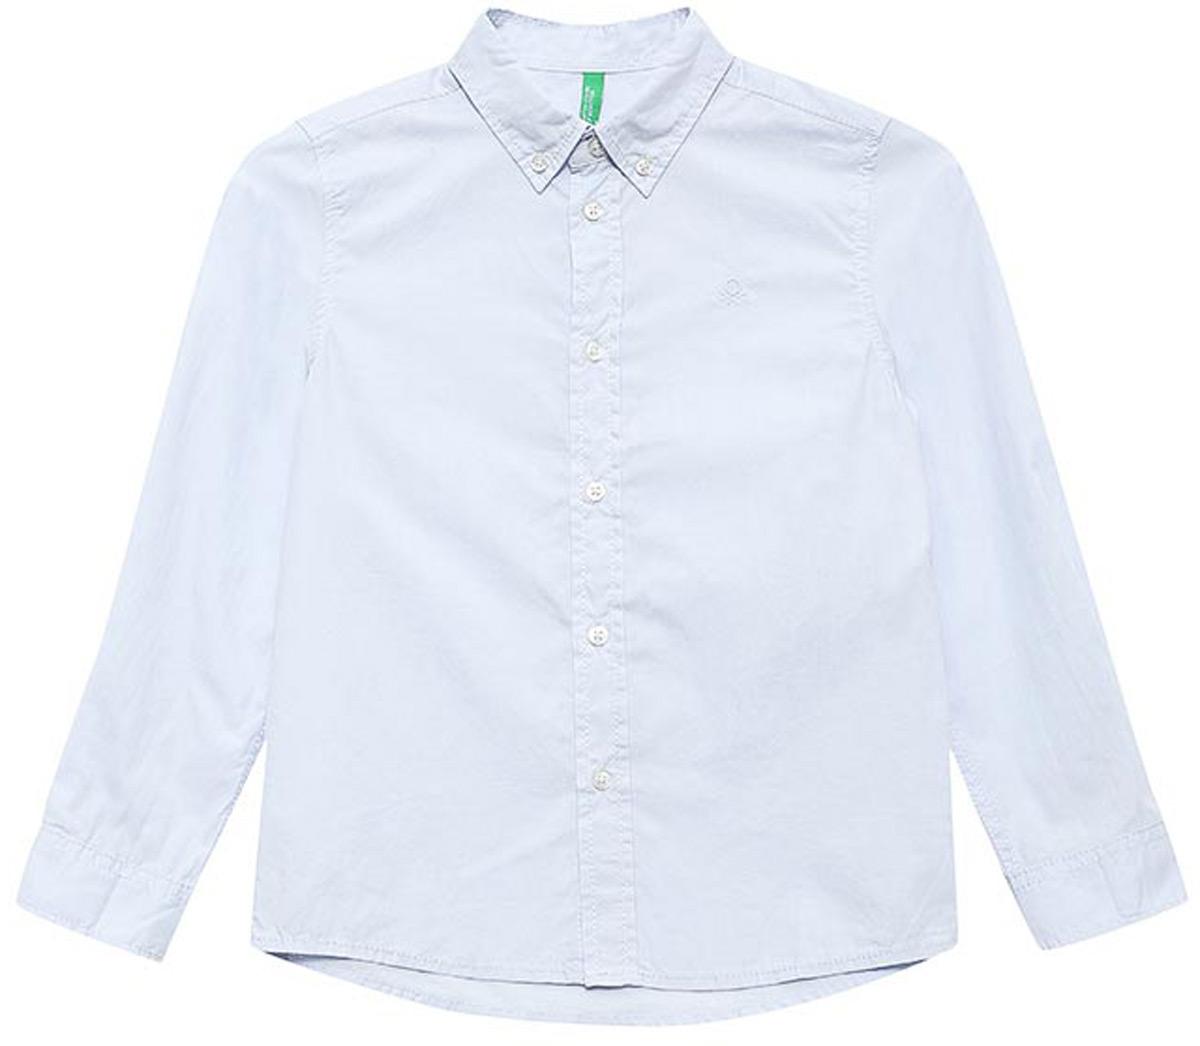 Рубашка для мальчиков United Colors of Benetton, цвет: голубой. 5EW75Q600_20B. Размер 1005EW75Q600_20BРубашка для мальчика United Colors of Benetton выполнена из натурального хлопка. Модель с отложным воротником и длинными рукавами застегивается на пуговицы.